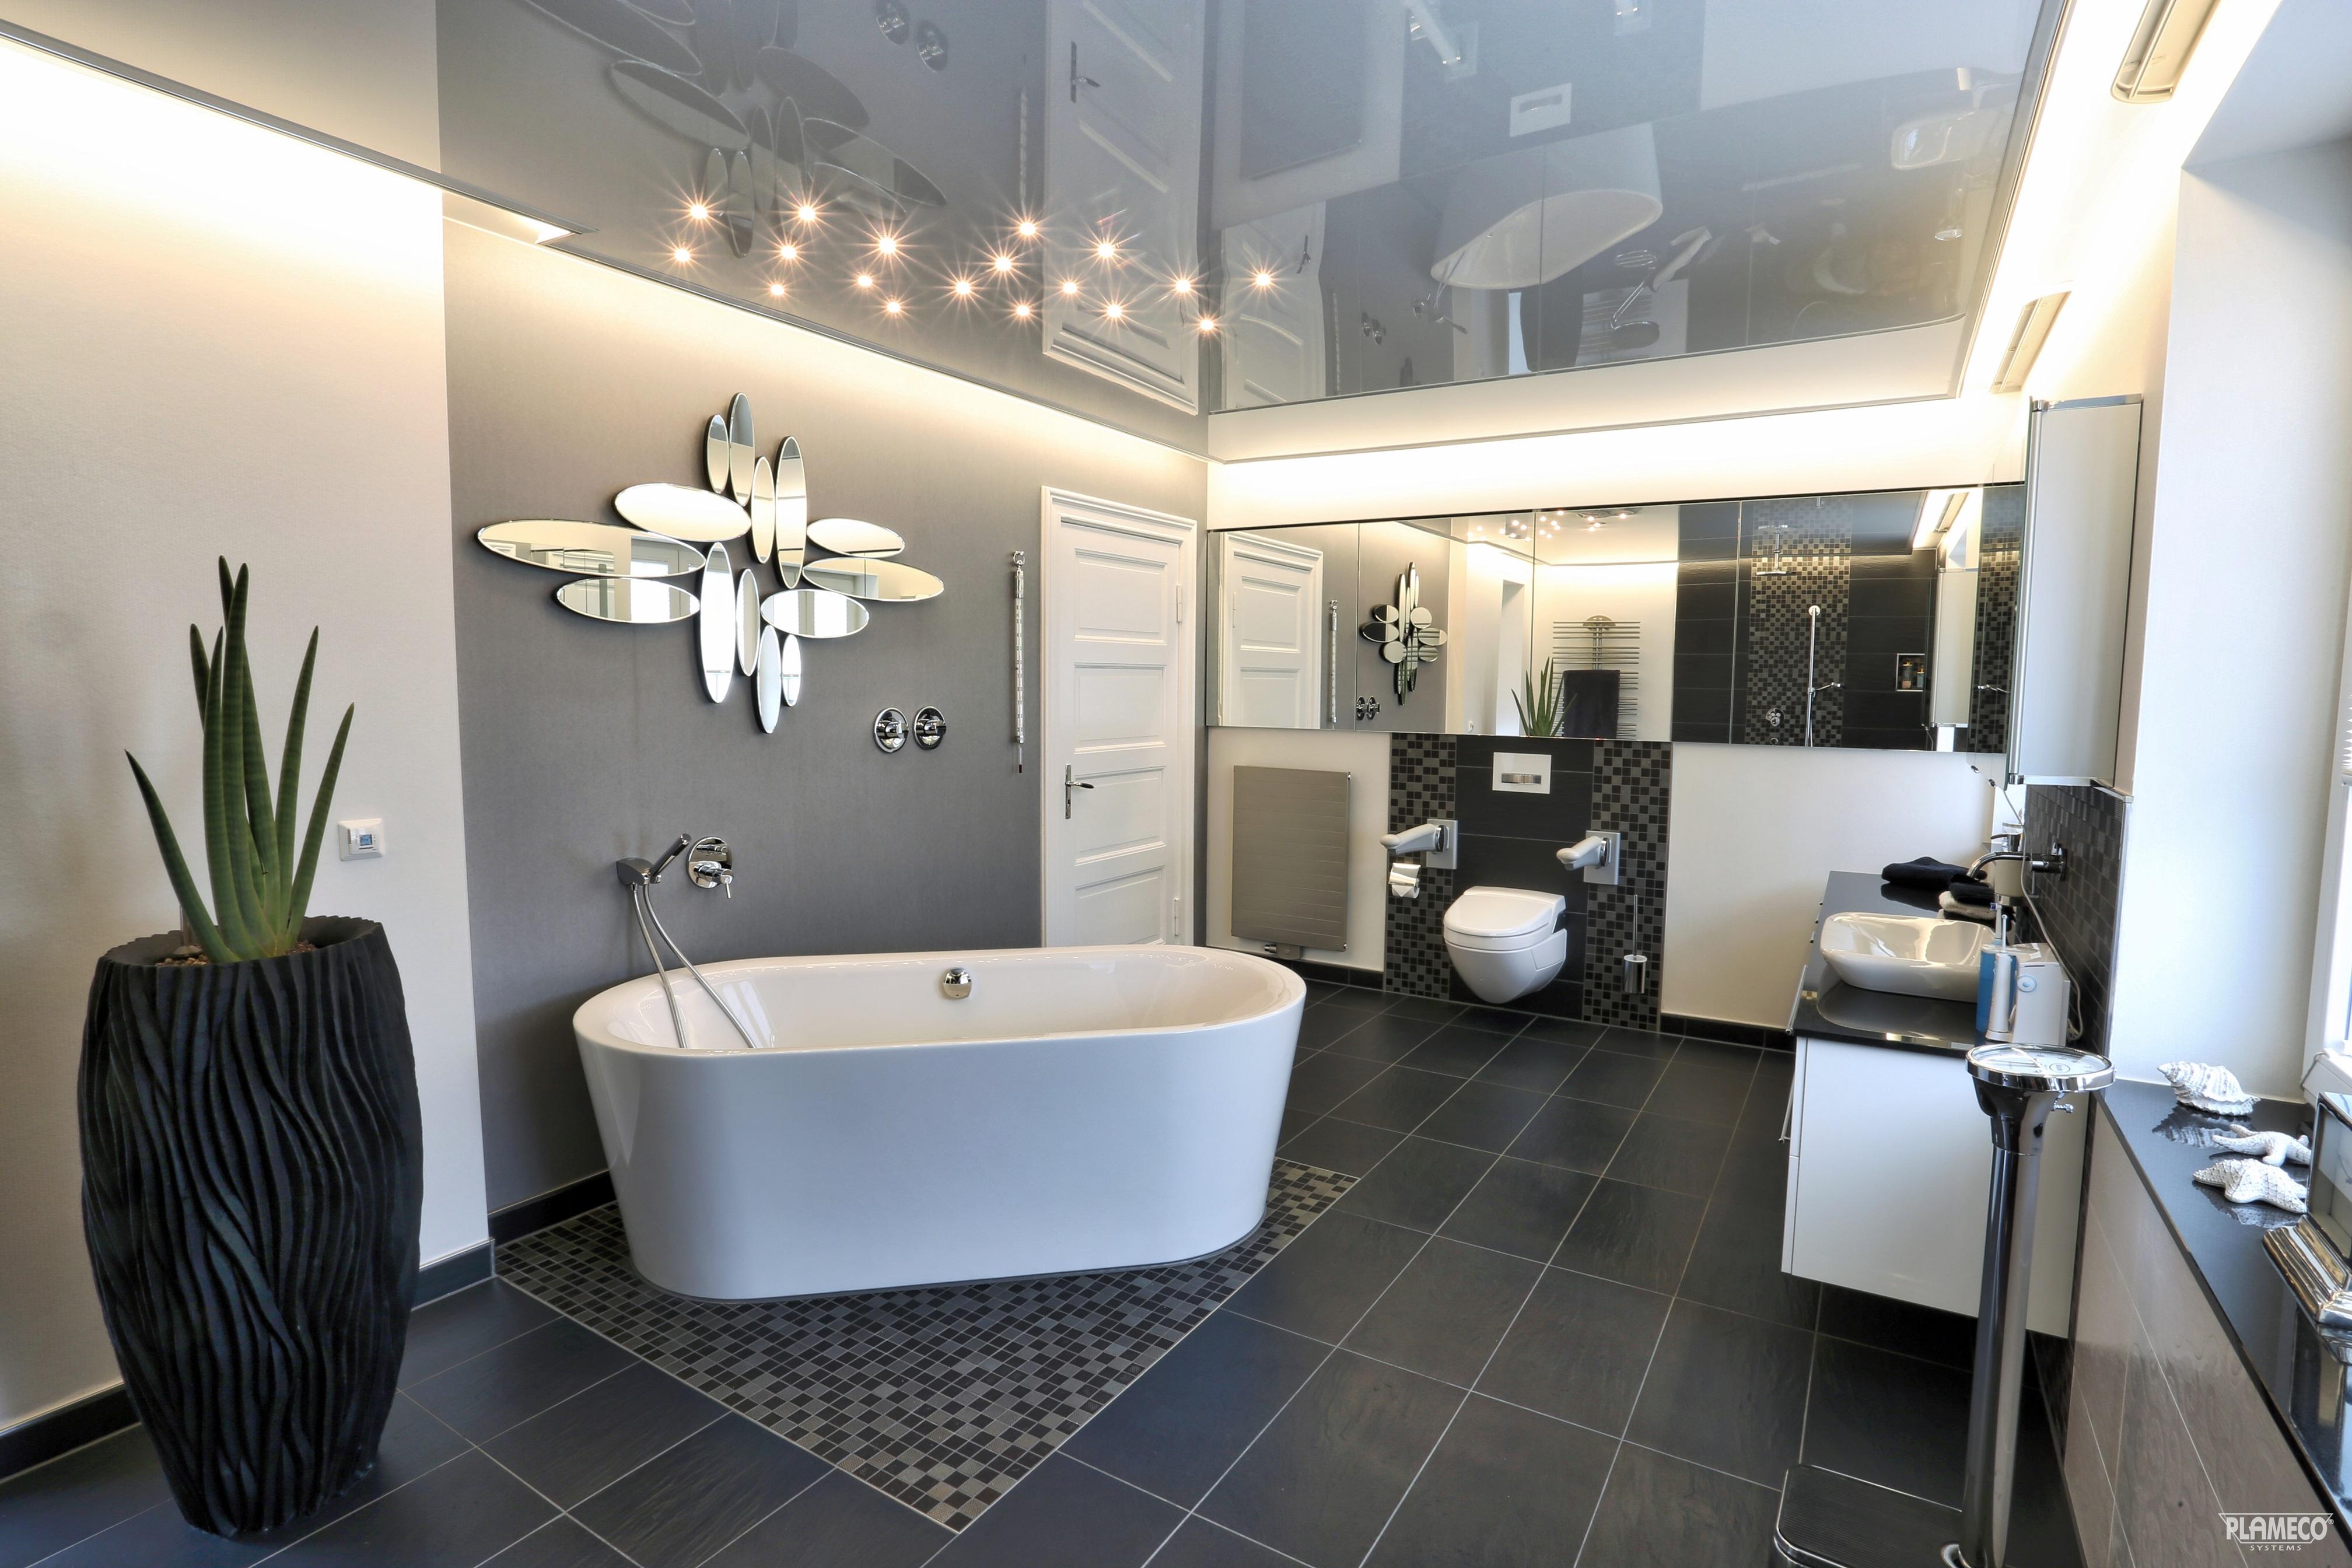 wie wichtig ist eine spanndecke im badezimmer plameco beckmann. Black Bedroom Furniture Sets. Home Design Ideas